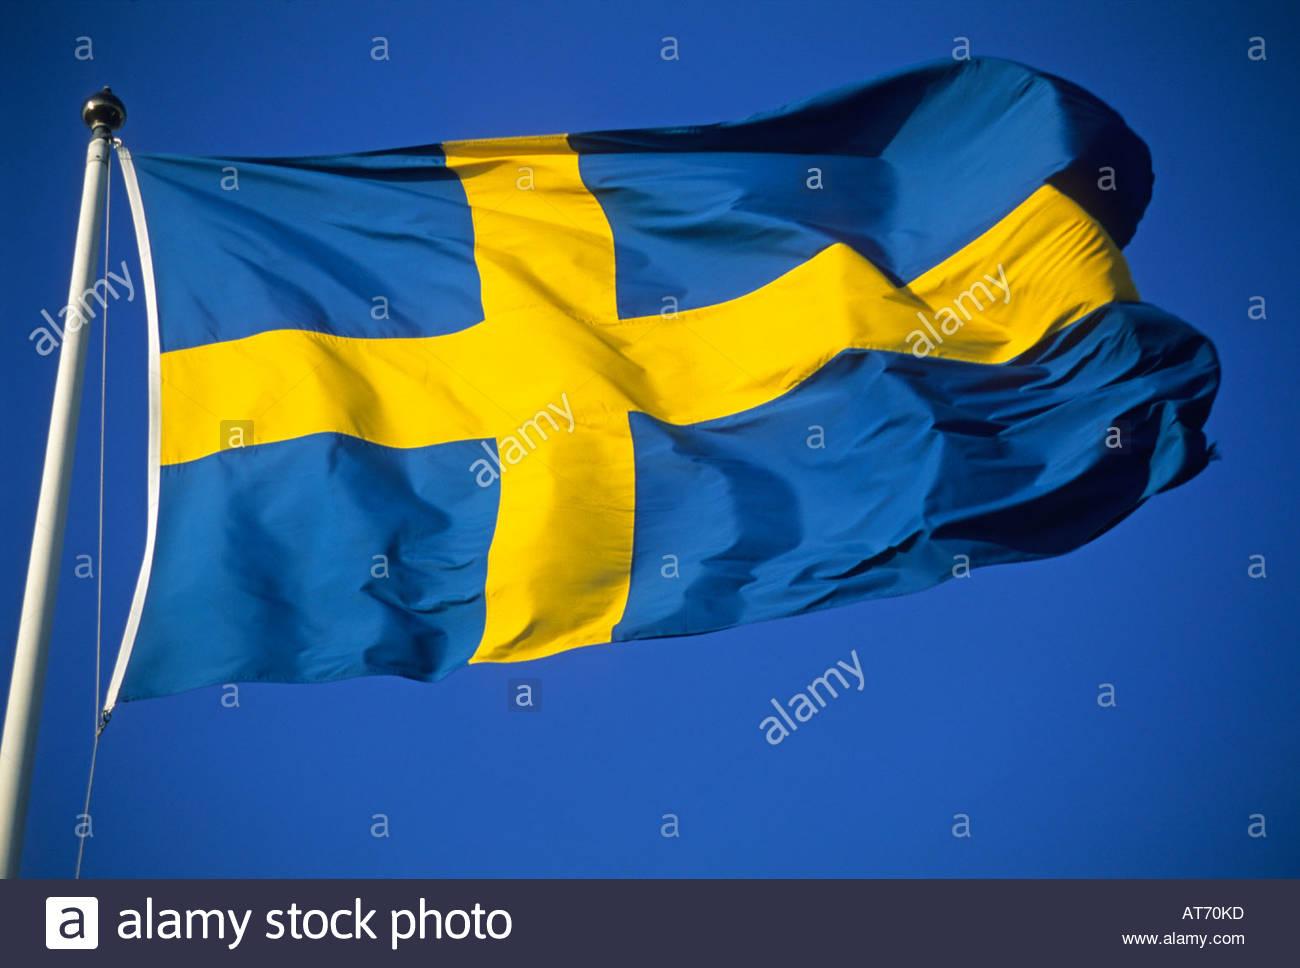 swedish-flag-stockholm-sweden-AT70KD.jpg